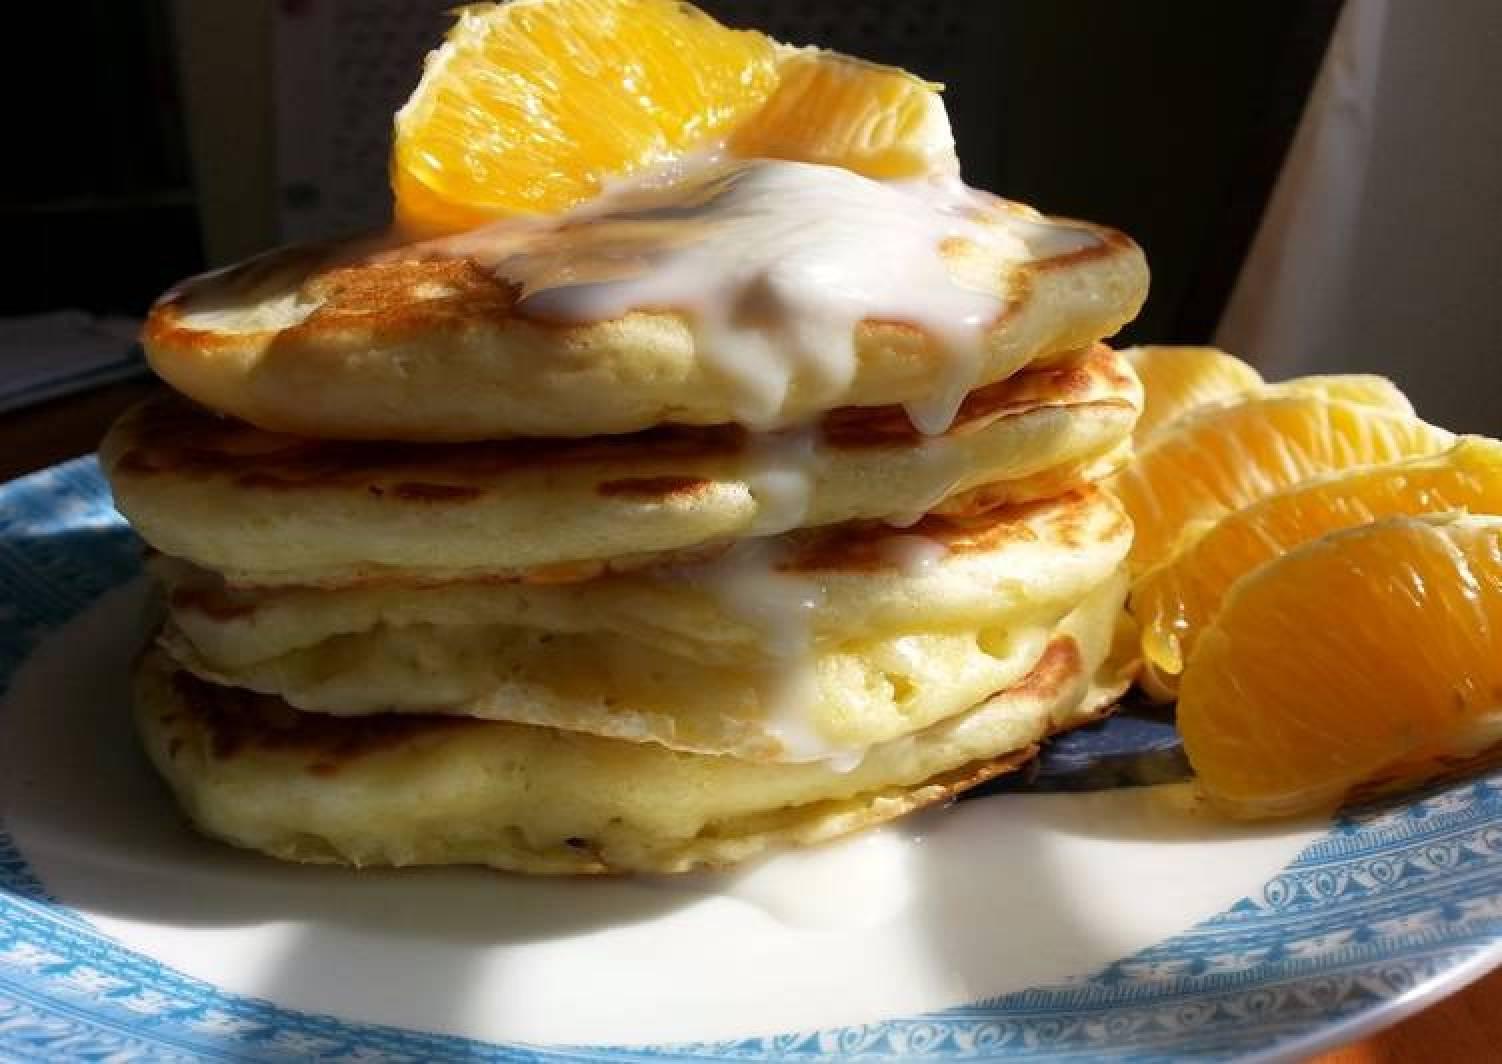 My favourite pancake recipe